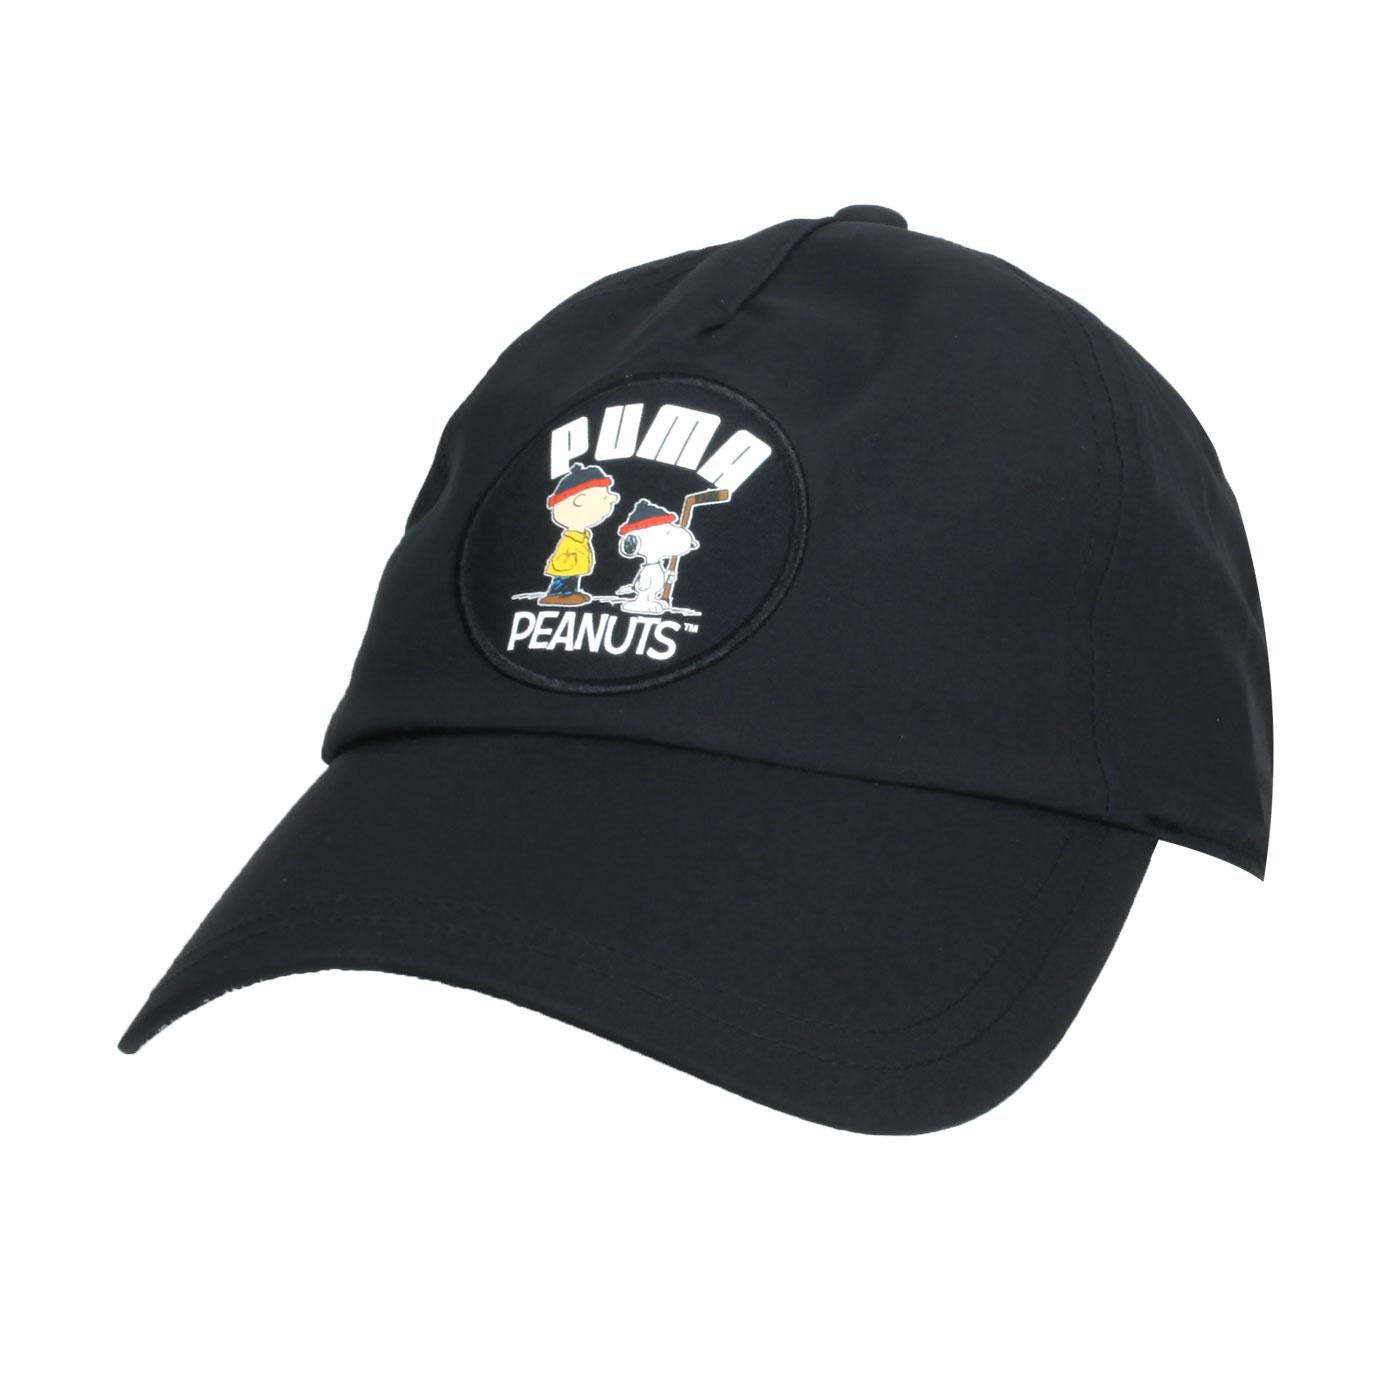 PUMA Peanuts棒球帽 02345801